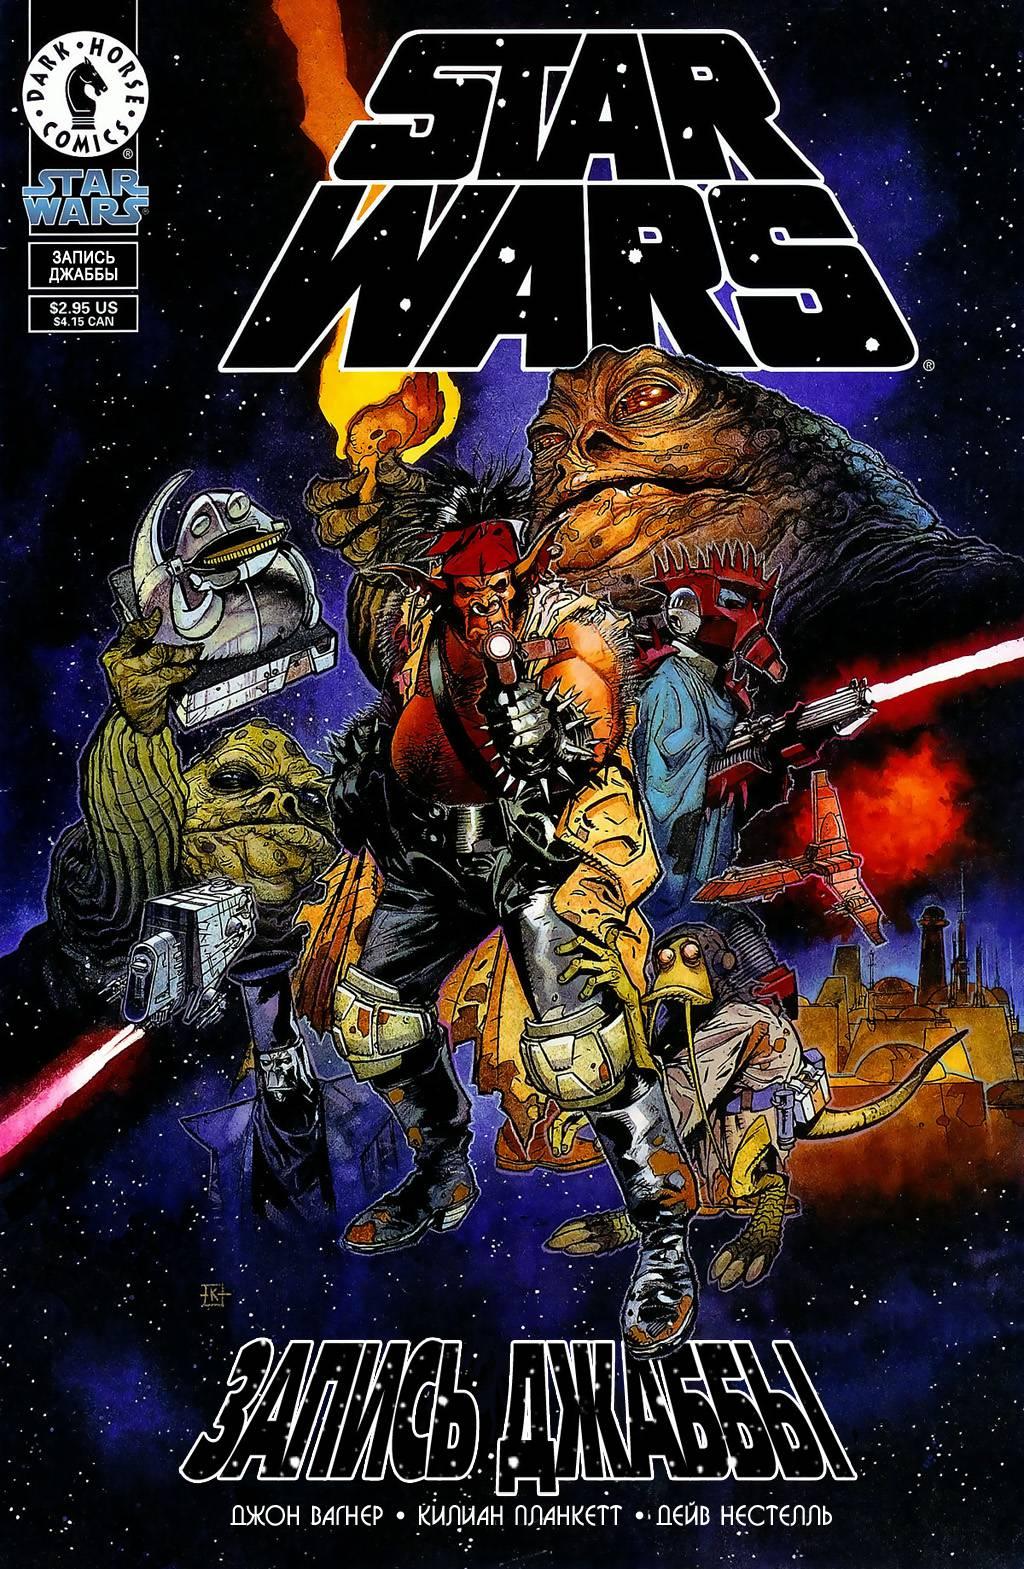 Звездные Войны: Запись Джаббы онлайн